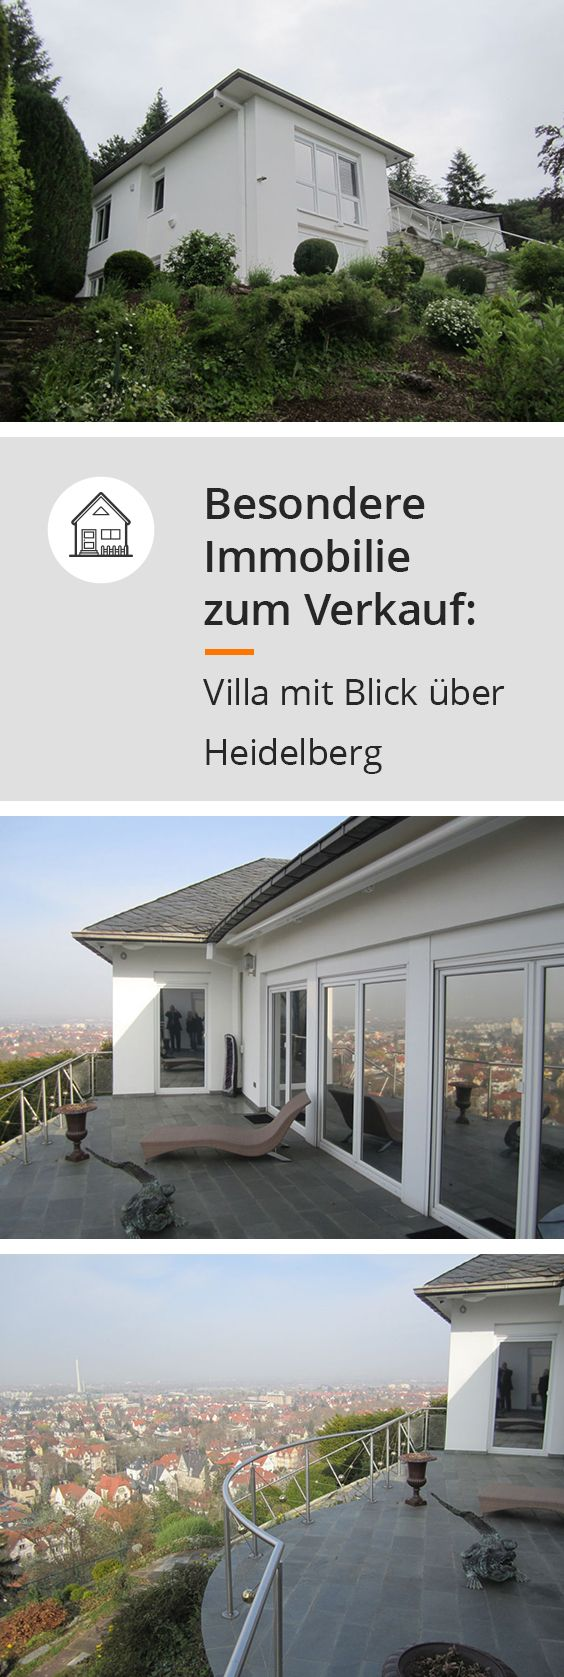 Besondereimmobilie Zum Kauf Villa Mit Blick Uber Ganz Heidelberg Hauskauf Haus Kaufen Aussicht Villa Haus Haus Bungalow